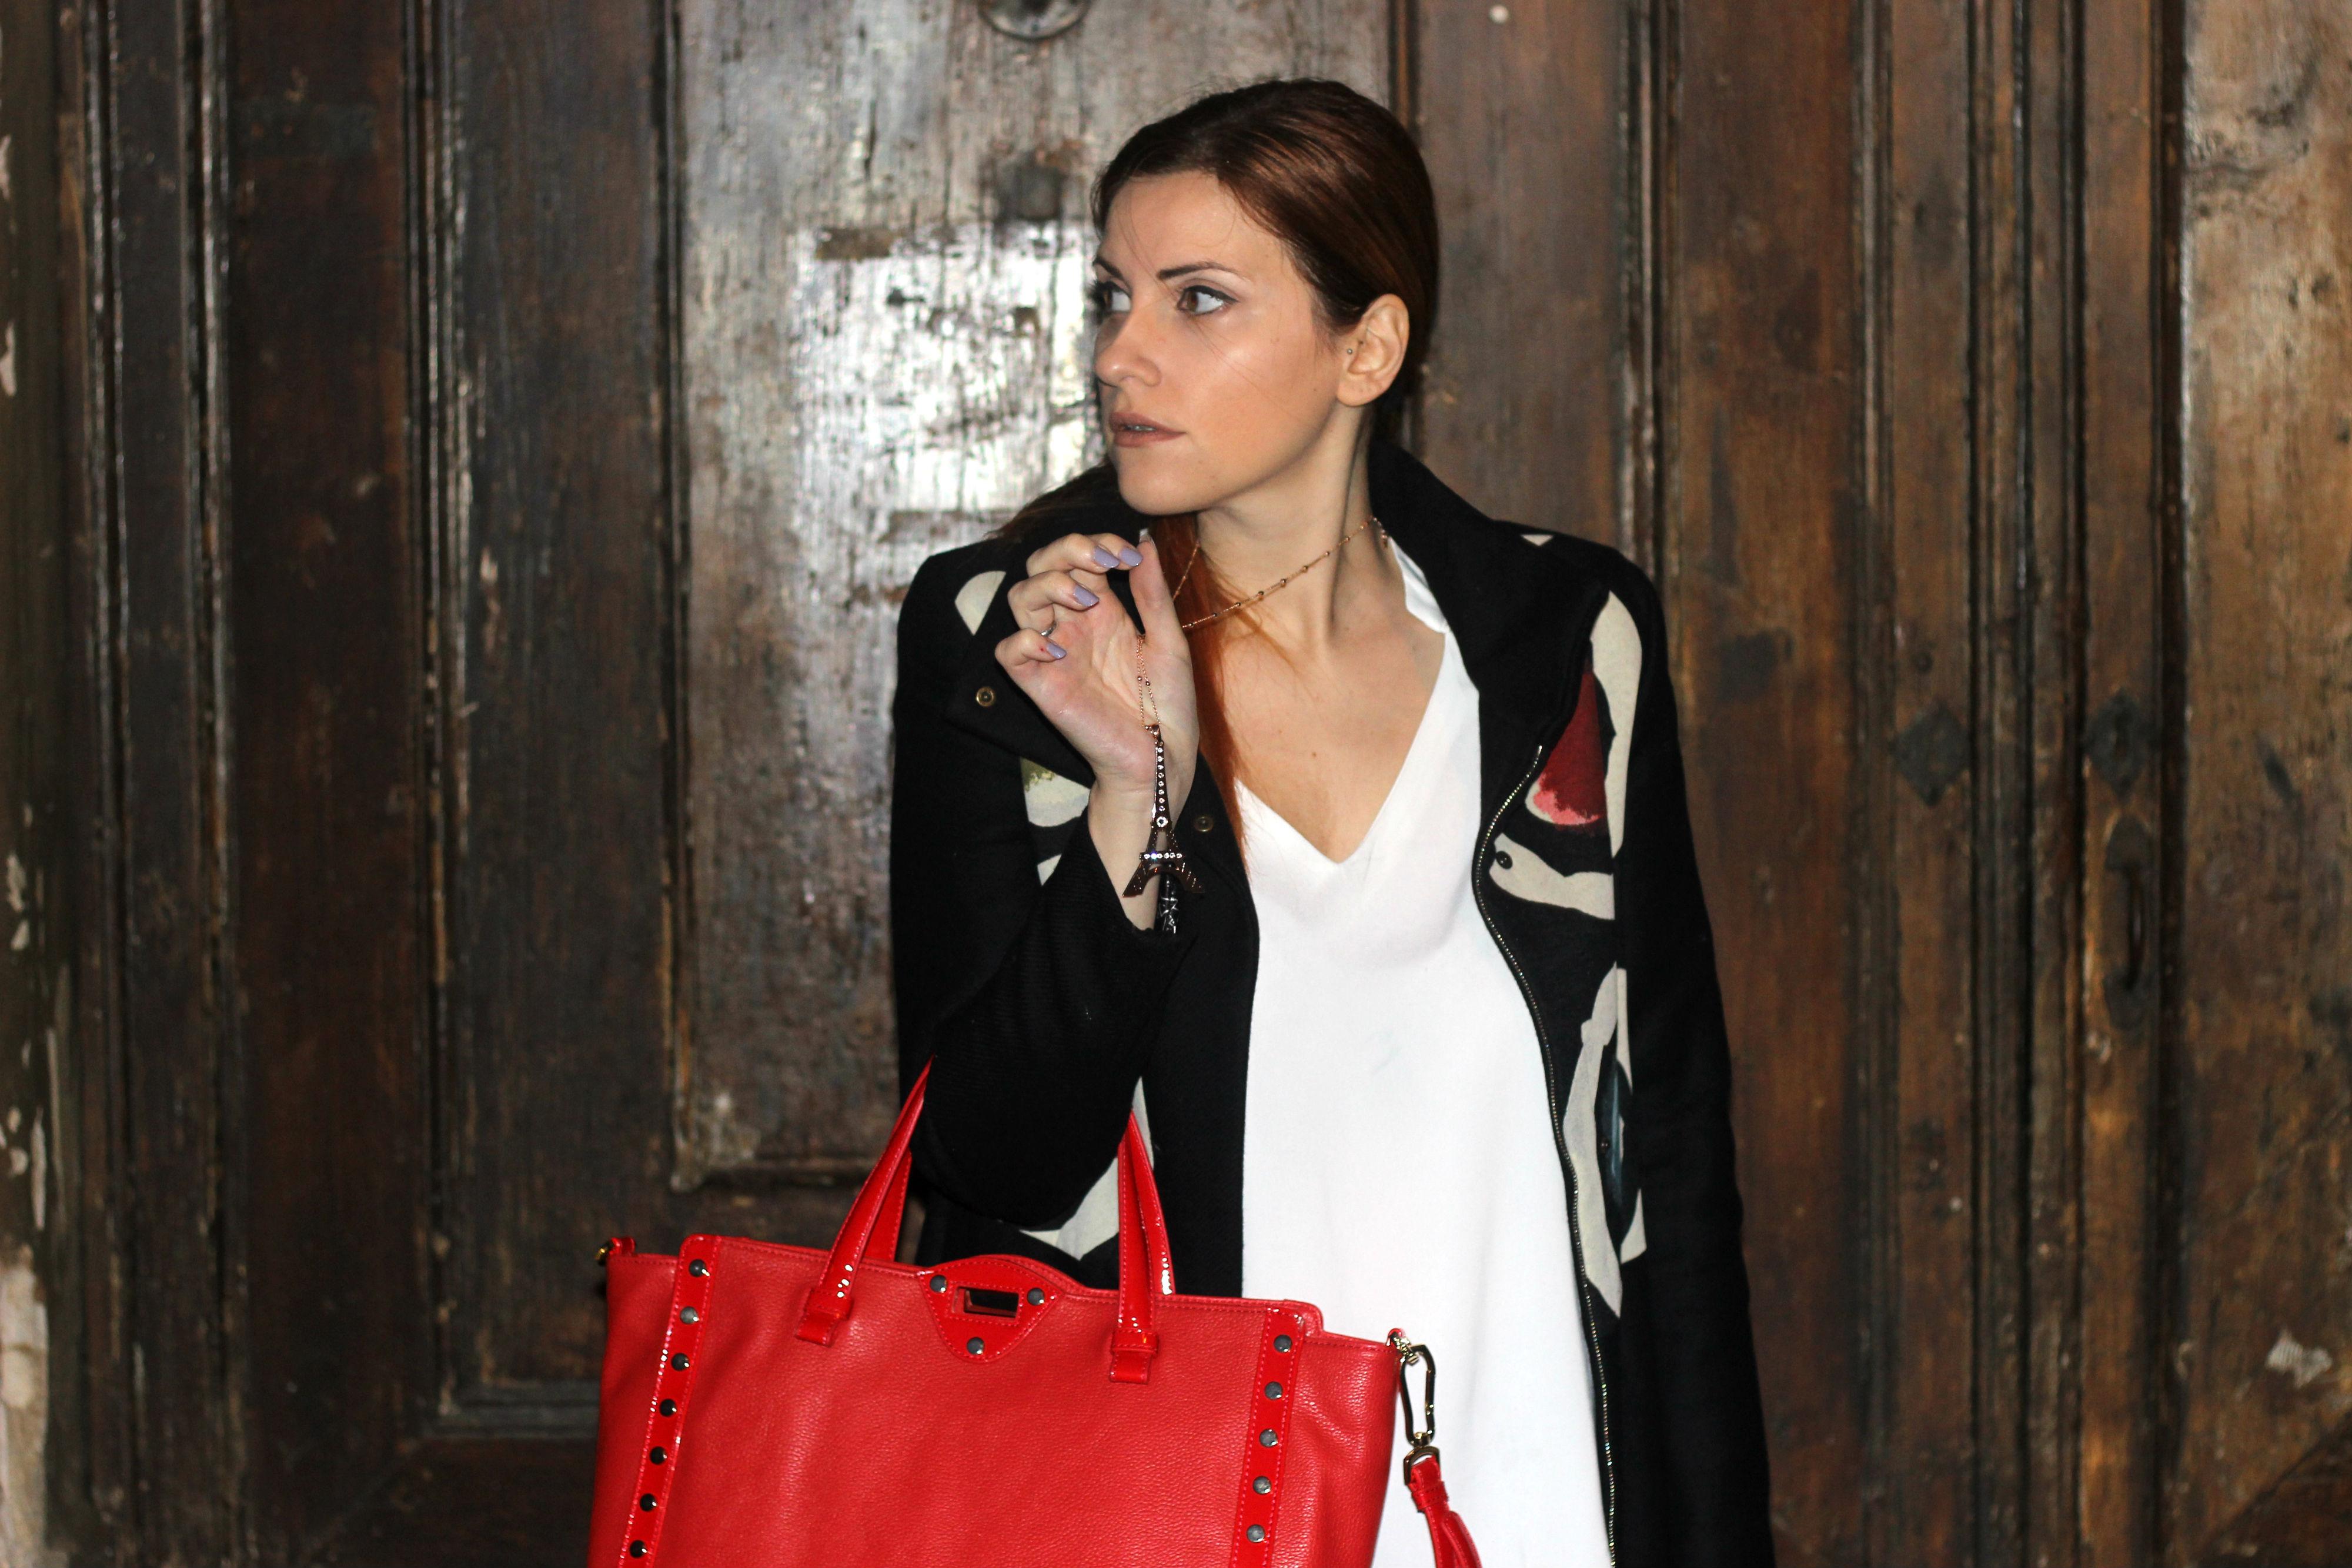 elisabetta bertolini outfit red details - soprabito desgual fall winter 2016